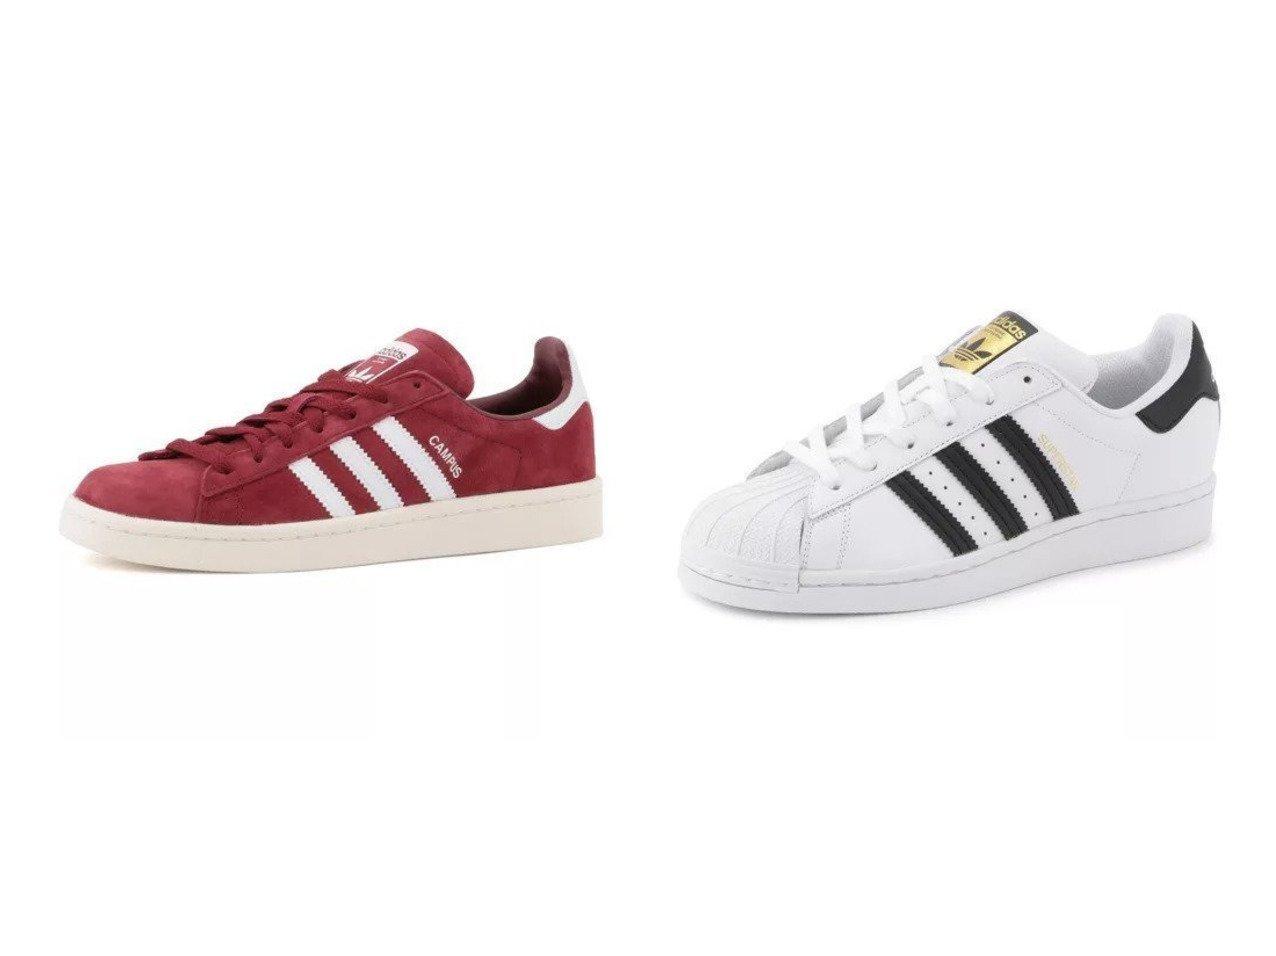 【adidas Originals/アディダス オリジナルス】のSUPERSTAR W&CAMPUS 【シューズ・靴】おすすめ!人気、トレンド・レディースファッションの通販 おすすめで人気の流行・トレンド、ファッションの通販商品 メンズファッション・キッズファッション・インテリア・家具・レディースファッション・服の通販 founy(ファニー) https://founy.com/ ファッション Fashion レディースファッション WOMEN シューズ スウェード スニーカー 人気 |ID:crp329100000031443